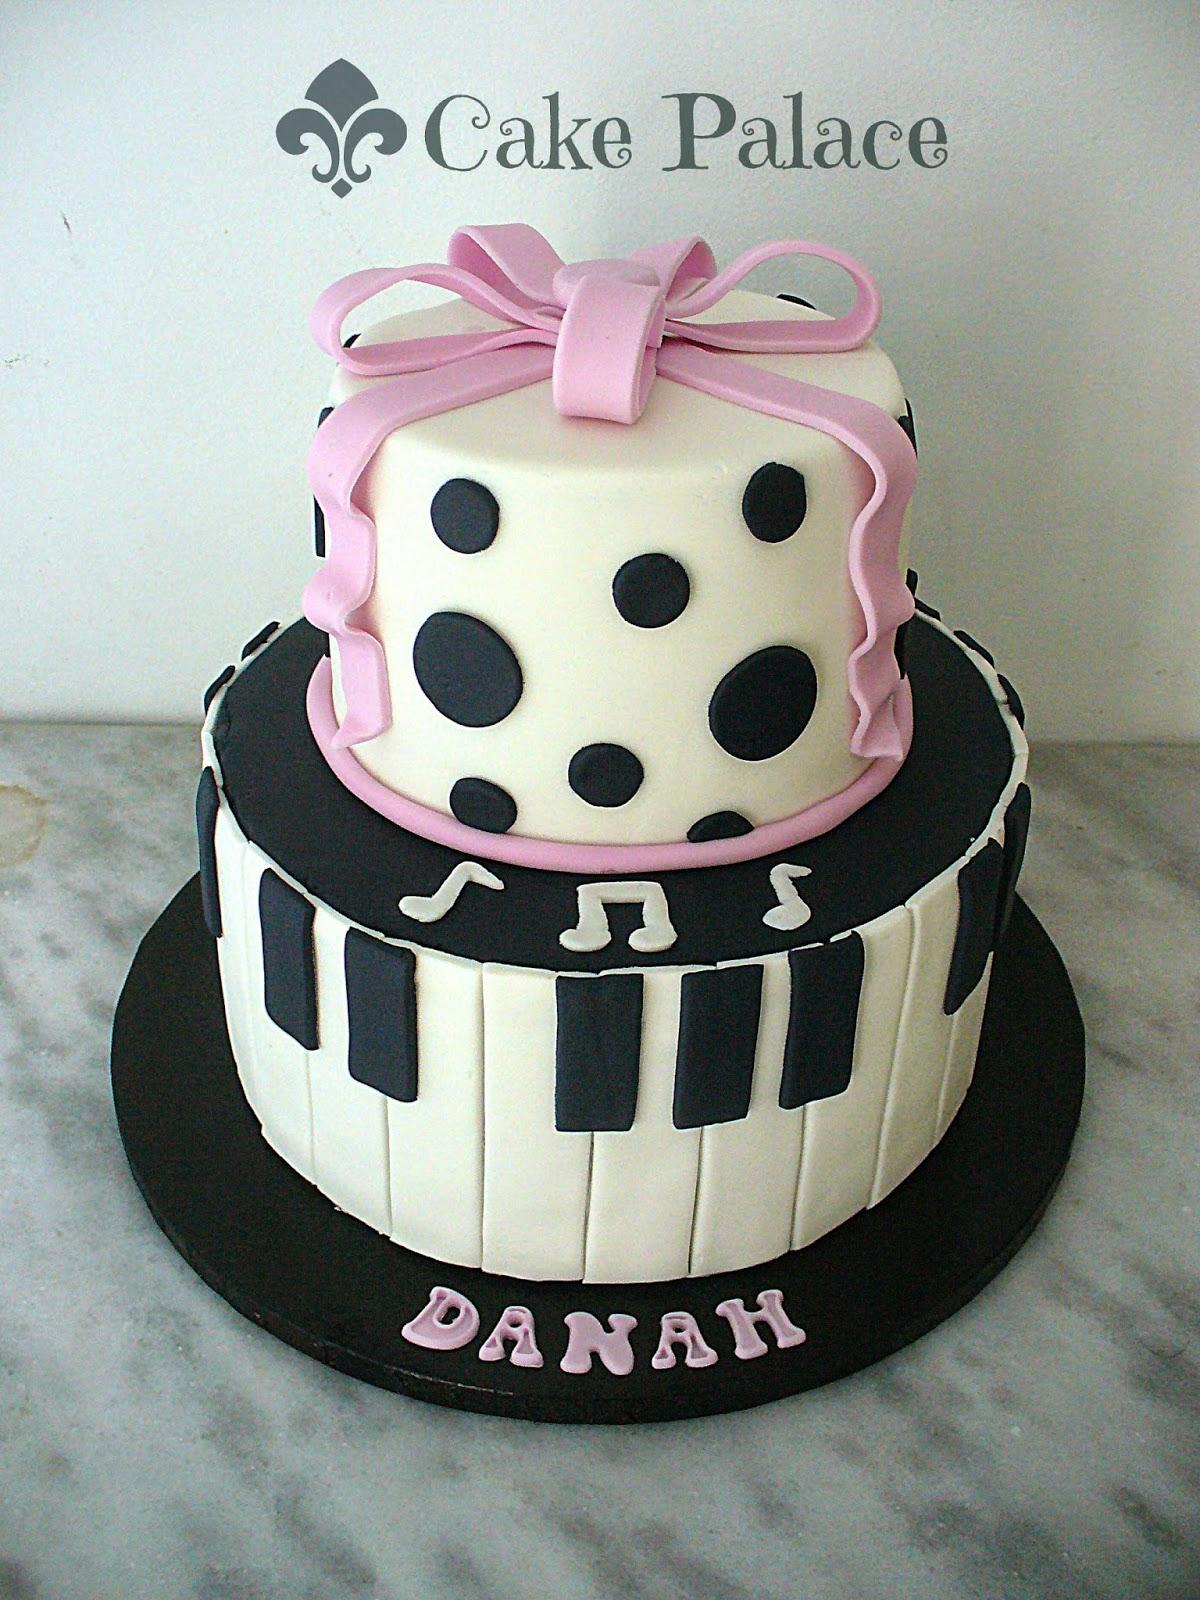 Cake Palace ύ ί